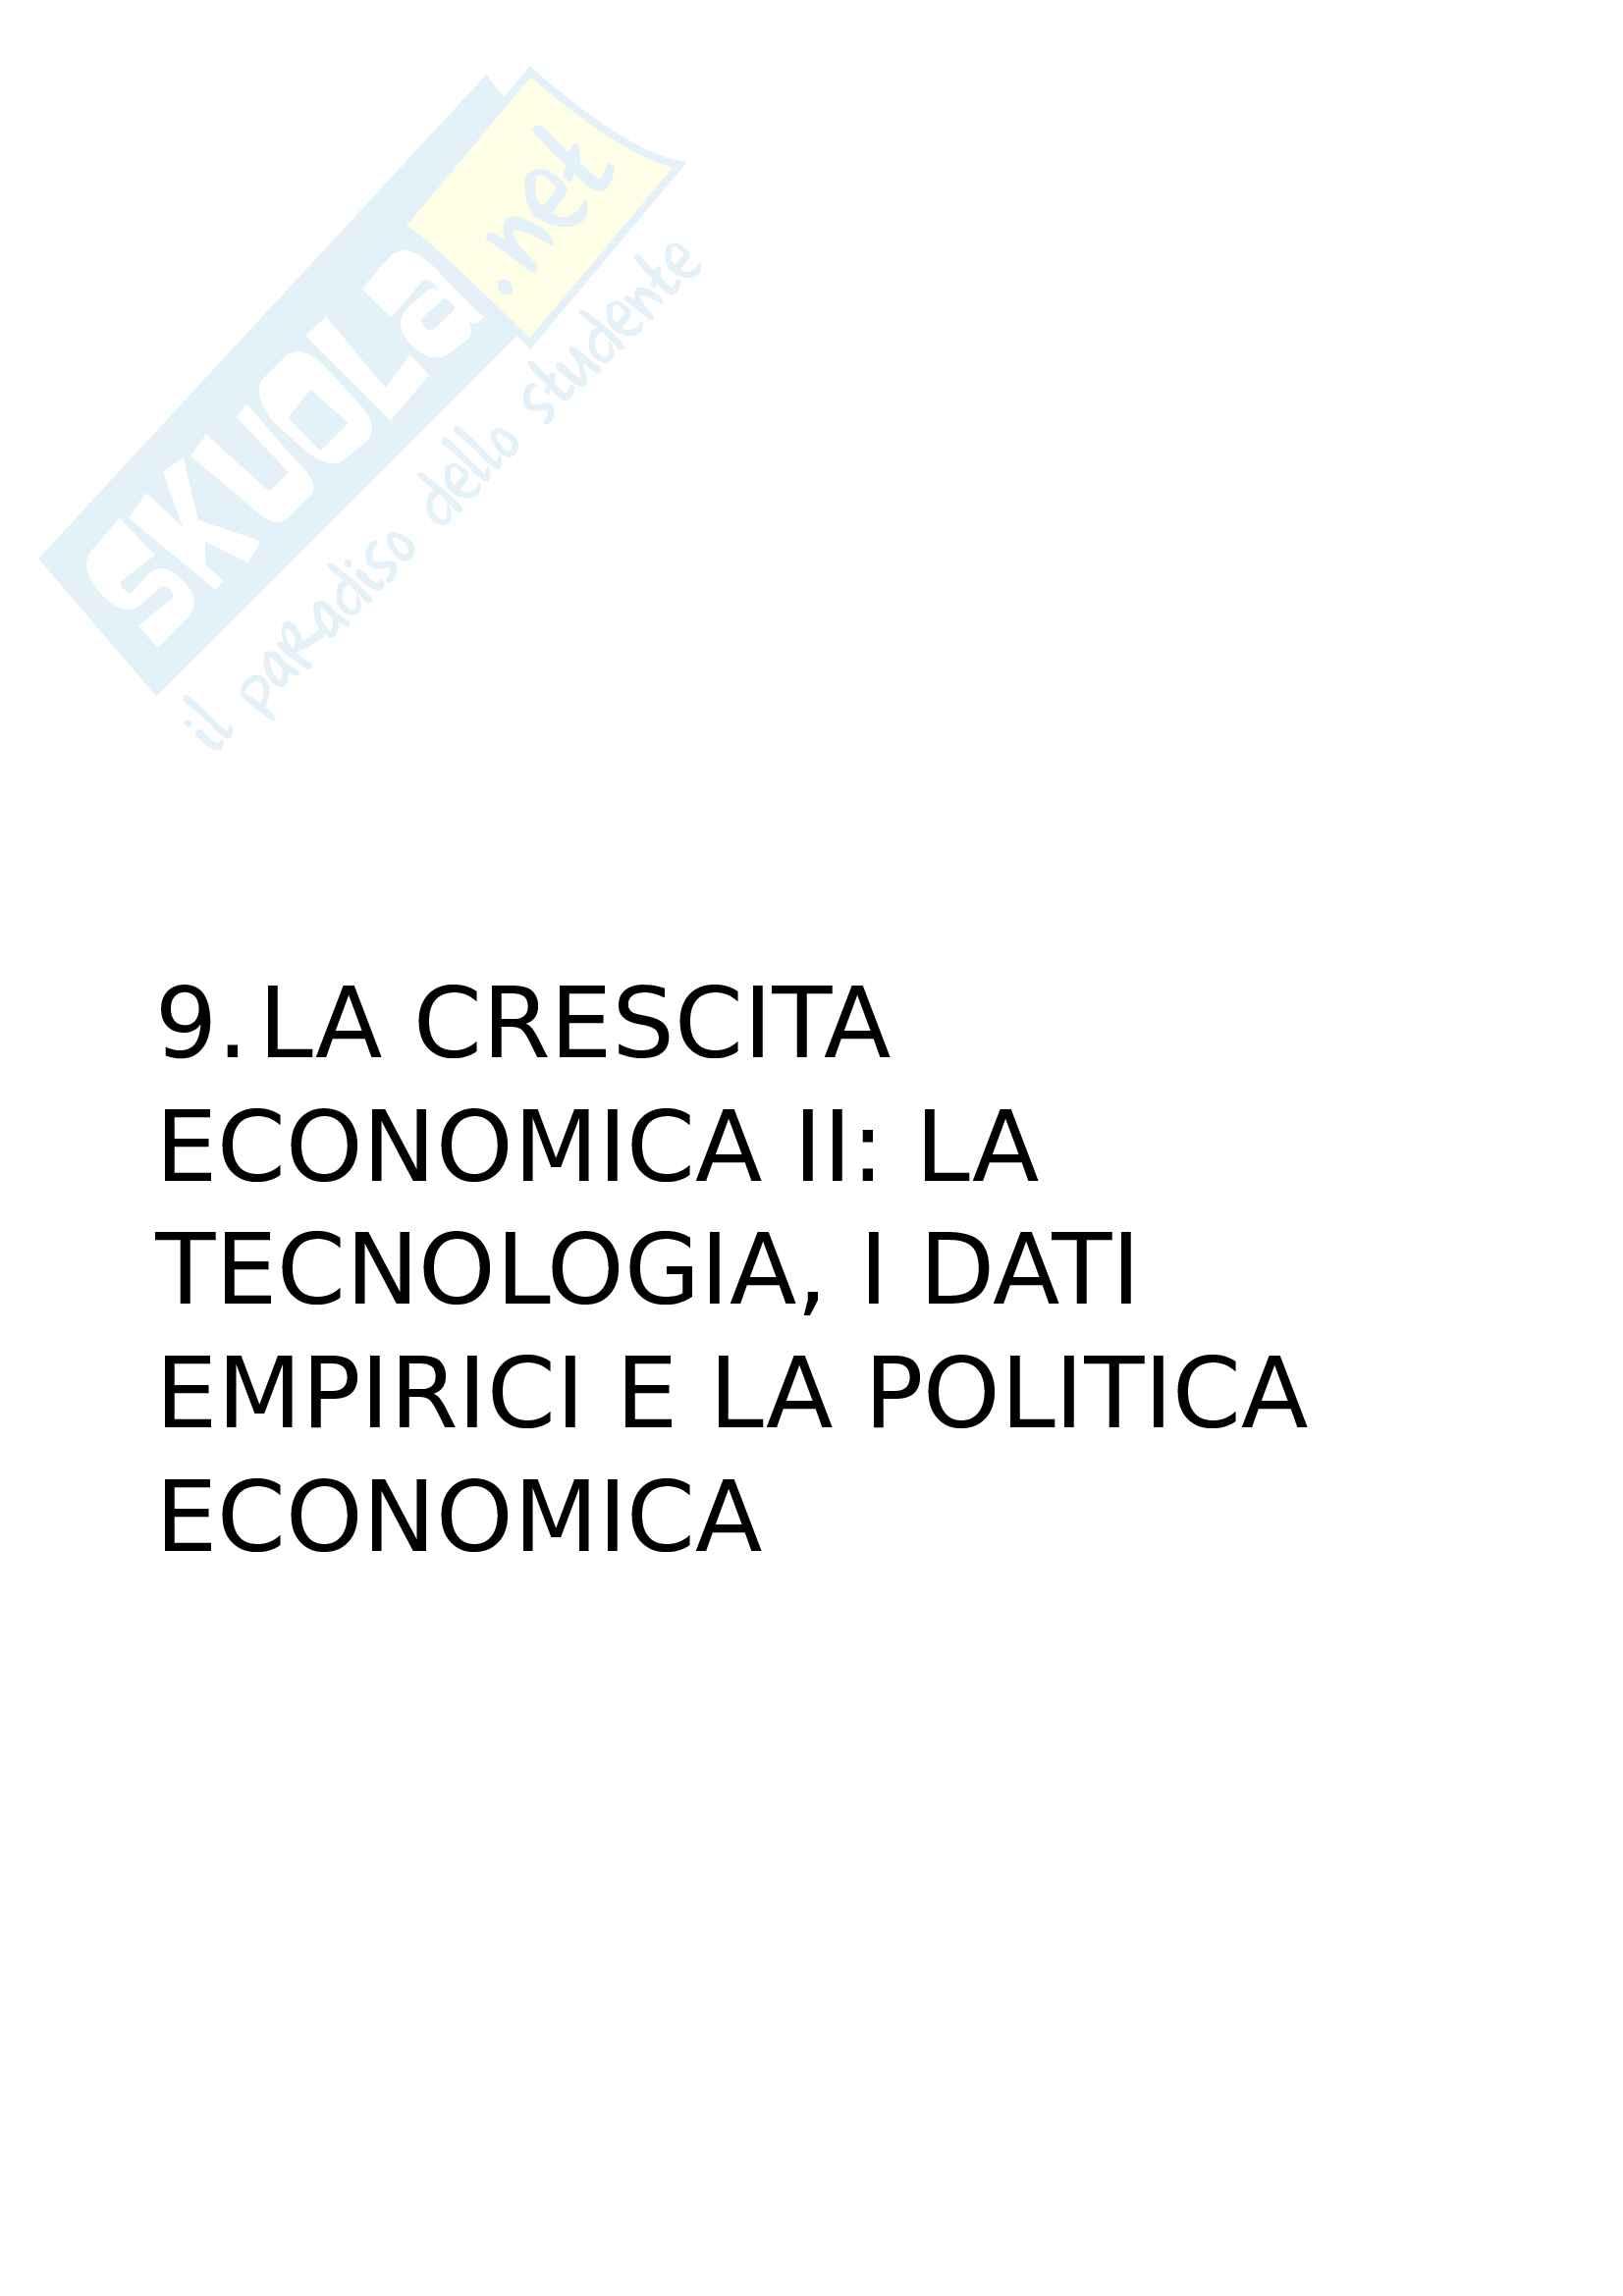 9. La crescita economica II